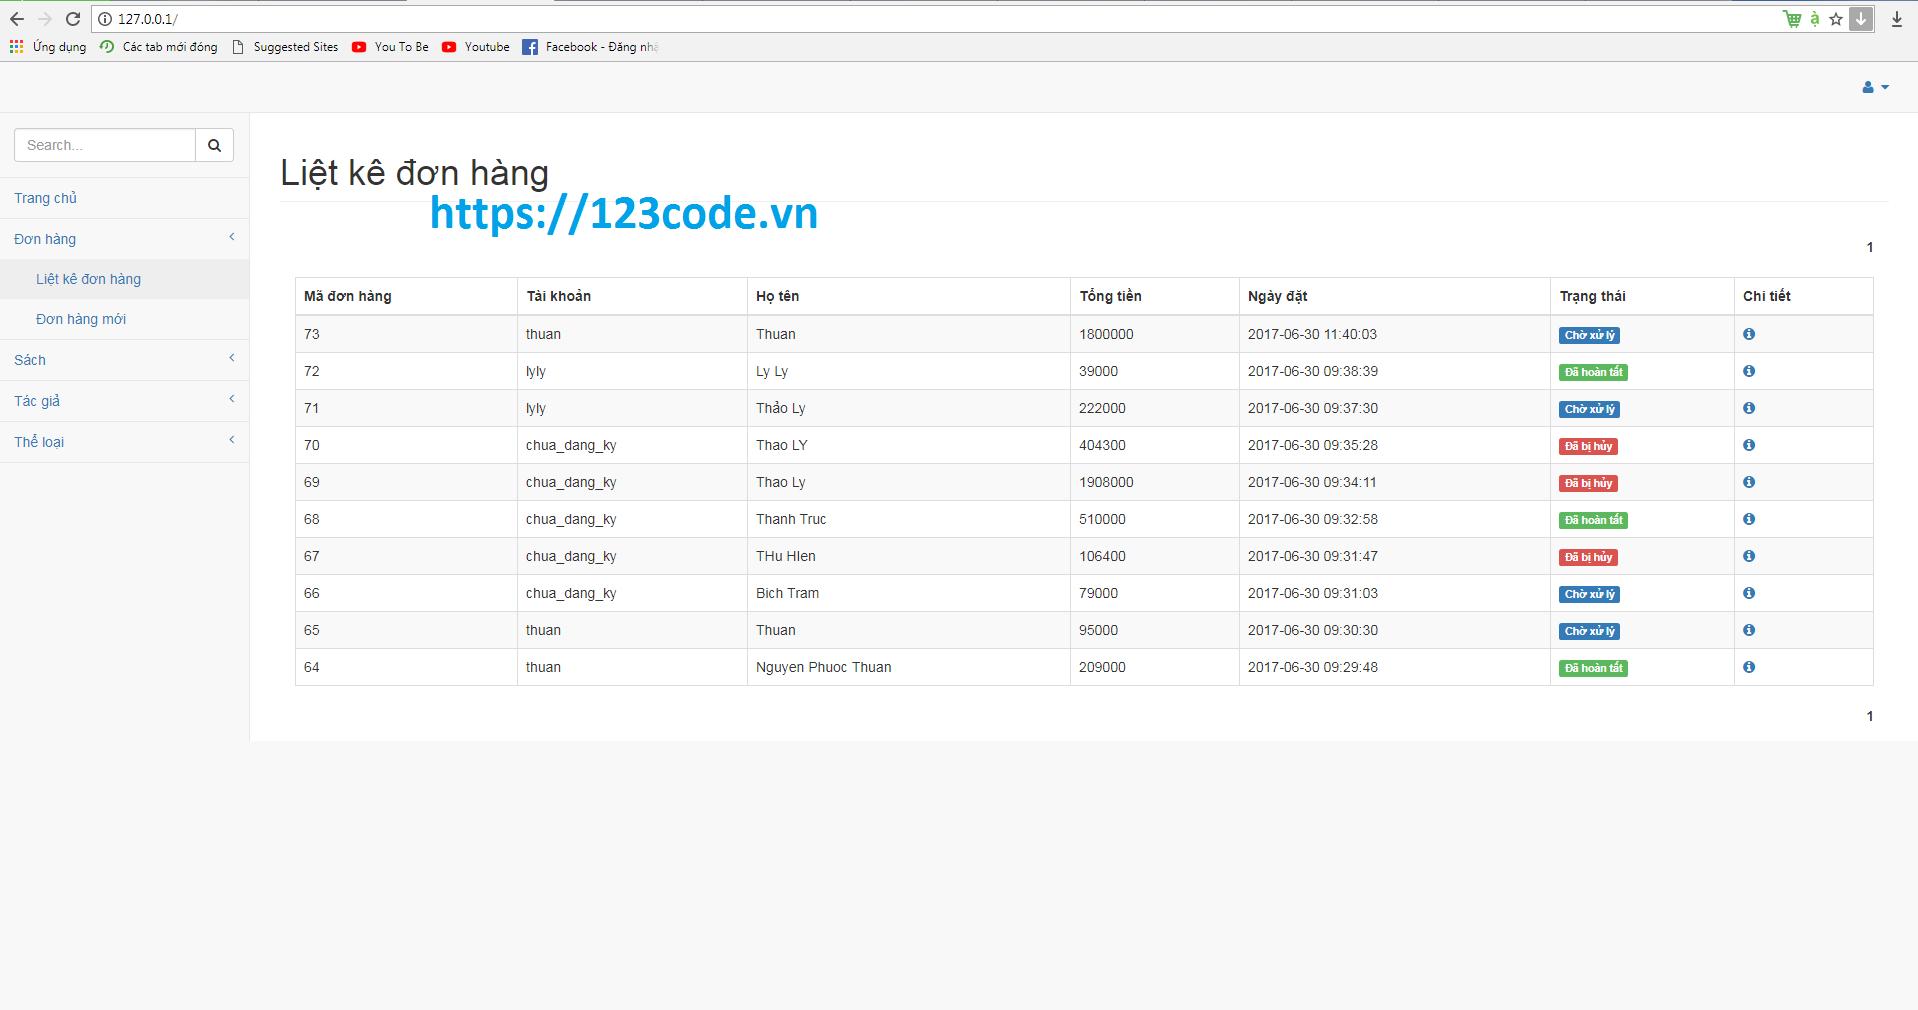 Source code website bán sách online php thuần chuẩn seo hoàn chỉnh